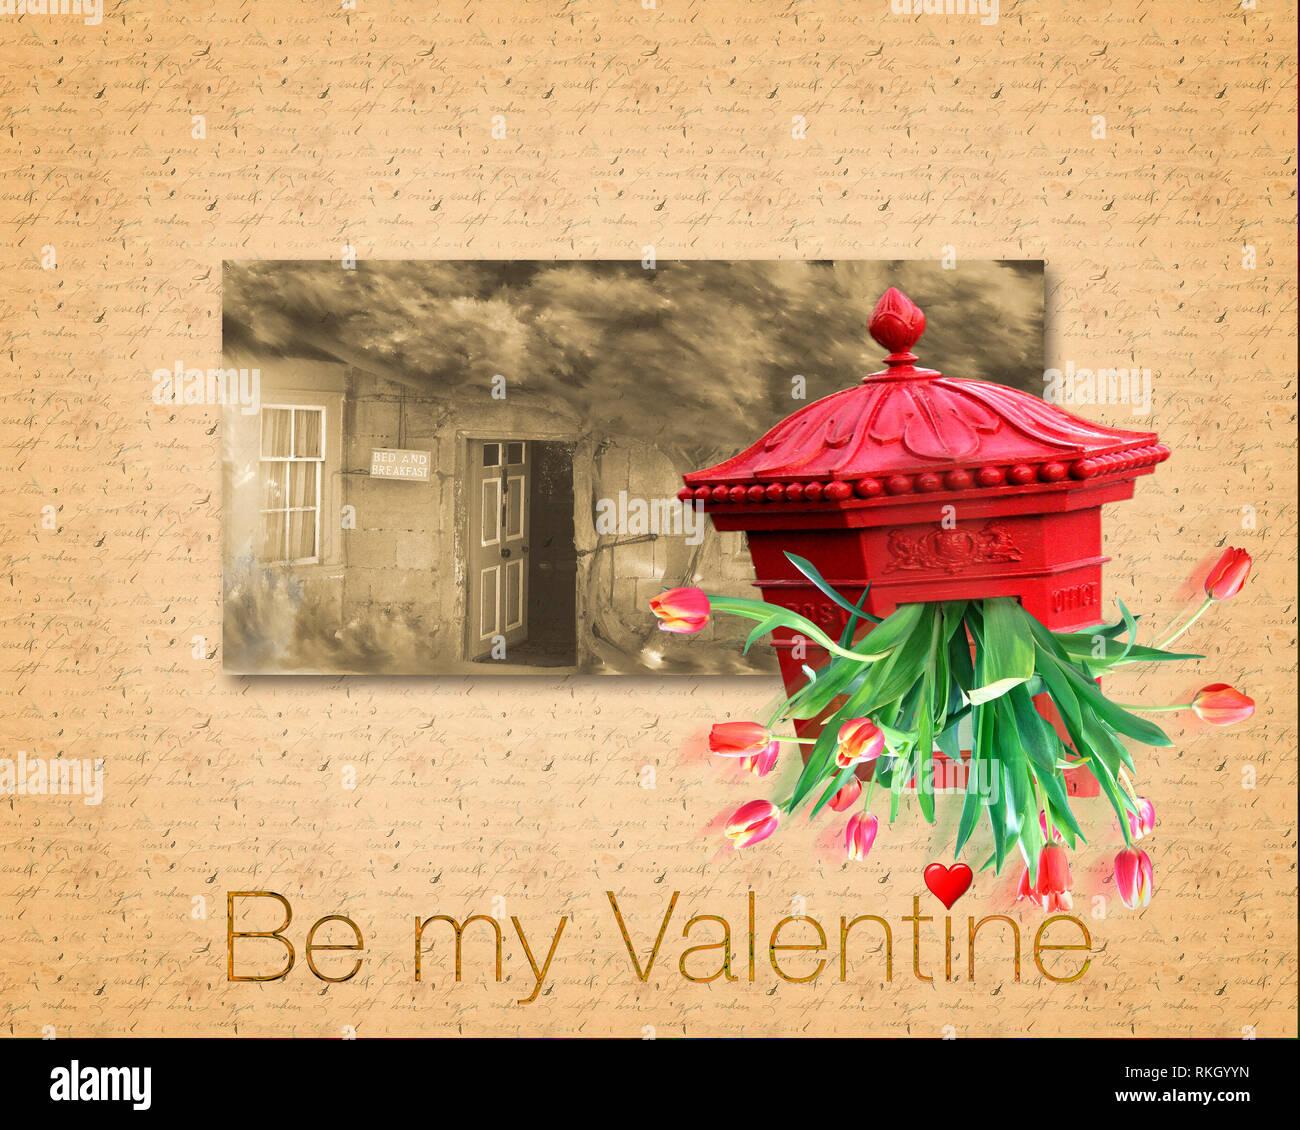 L'ART NUMÉRIQUE: Conception de cartes de Saint-Valentin Photo Stock